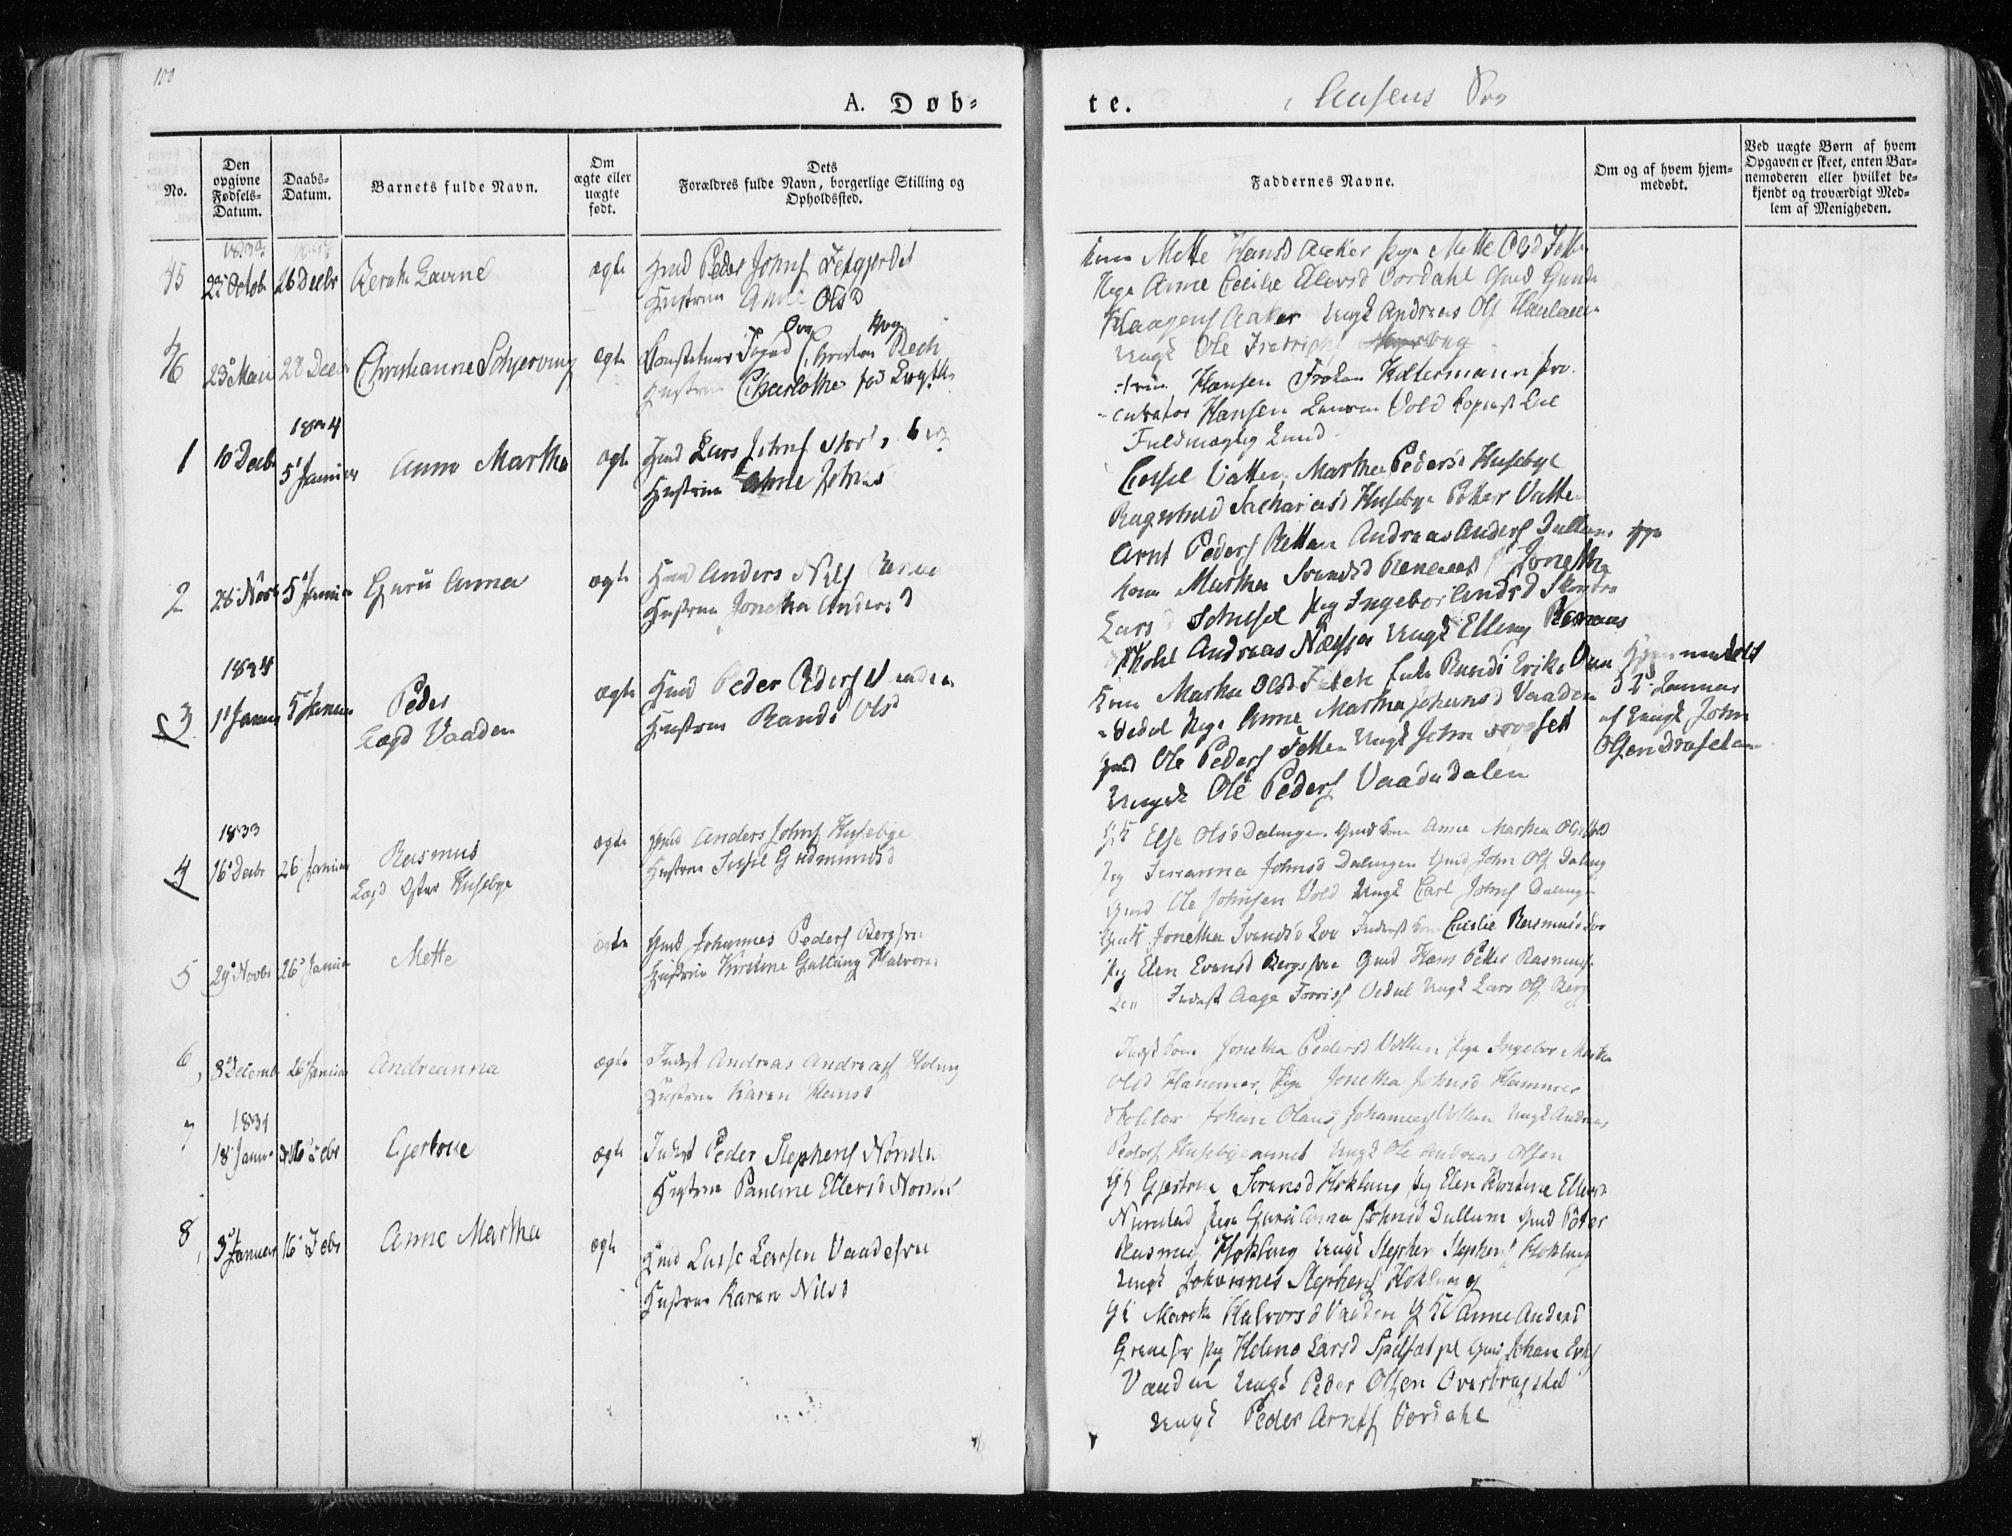 SAT, Ministerialprotokoller, klokkerbøker og fødselsregistre - Nord-Trøndelag, 713/L0114: Ministerialbok nr. 713A05, 1827-1839, s. 100